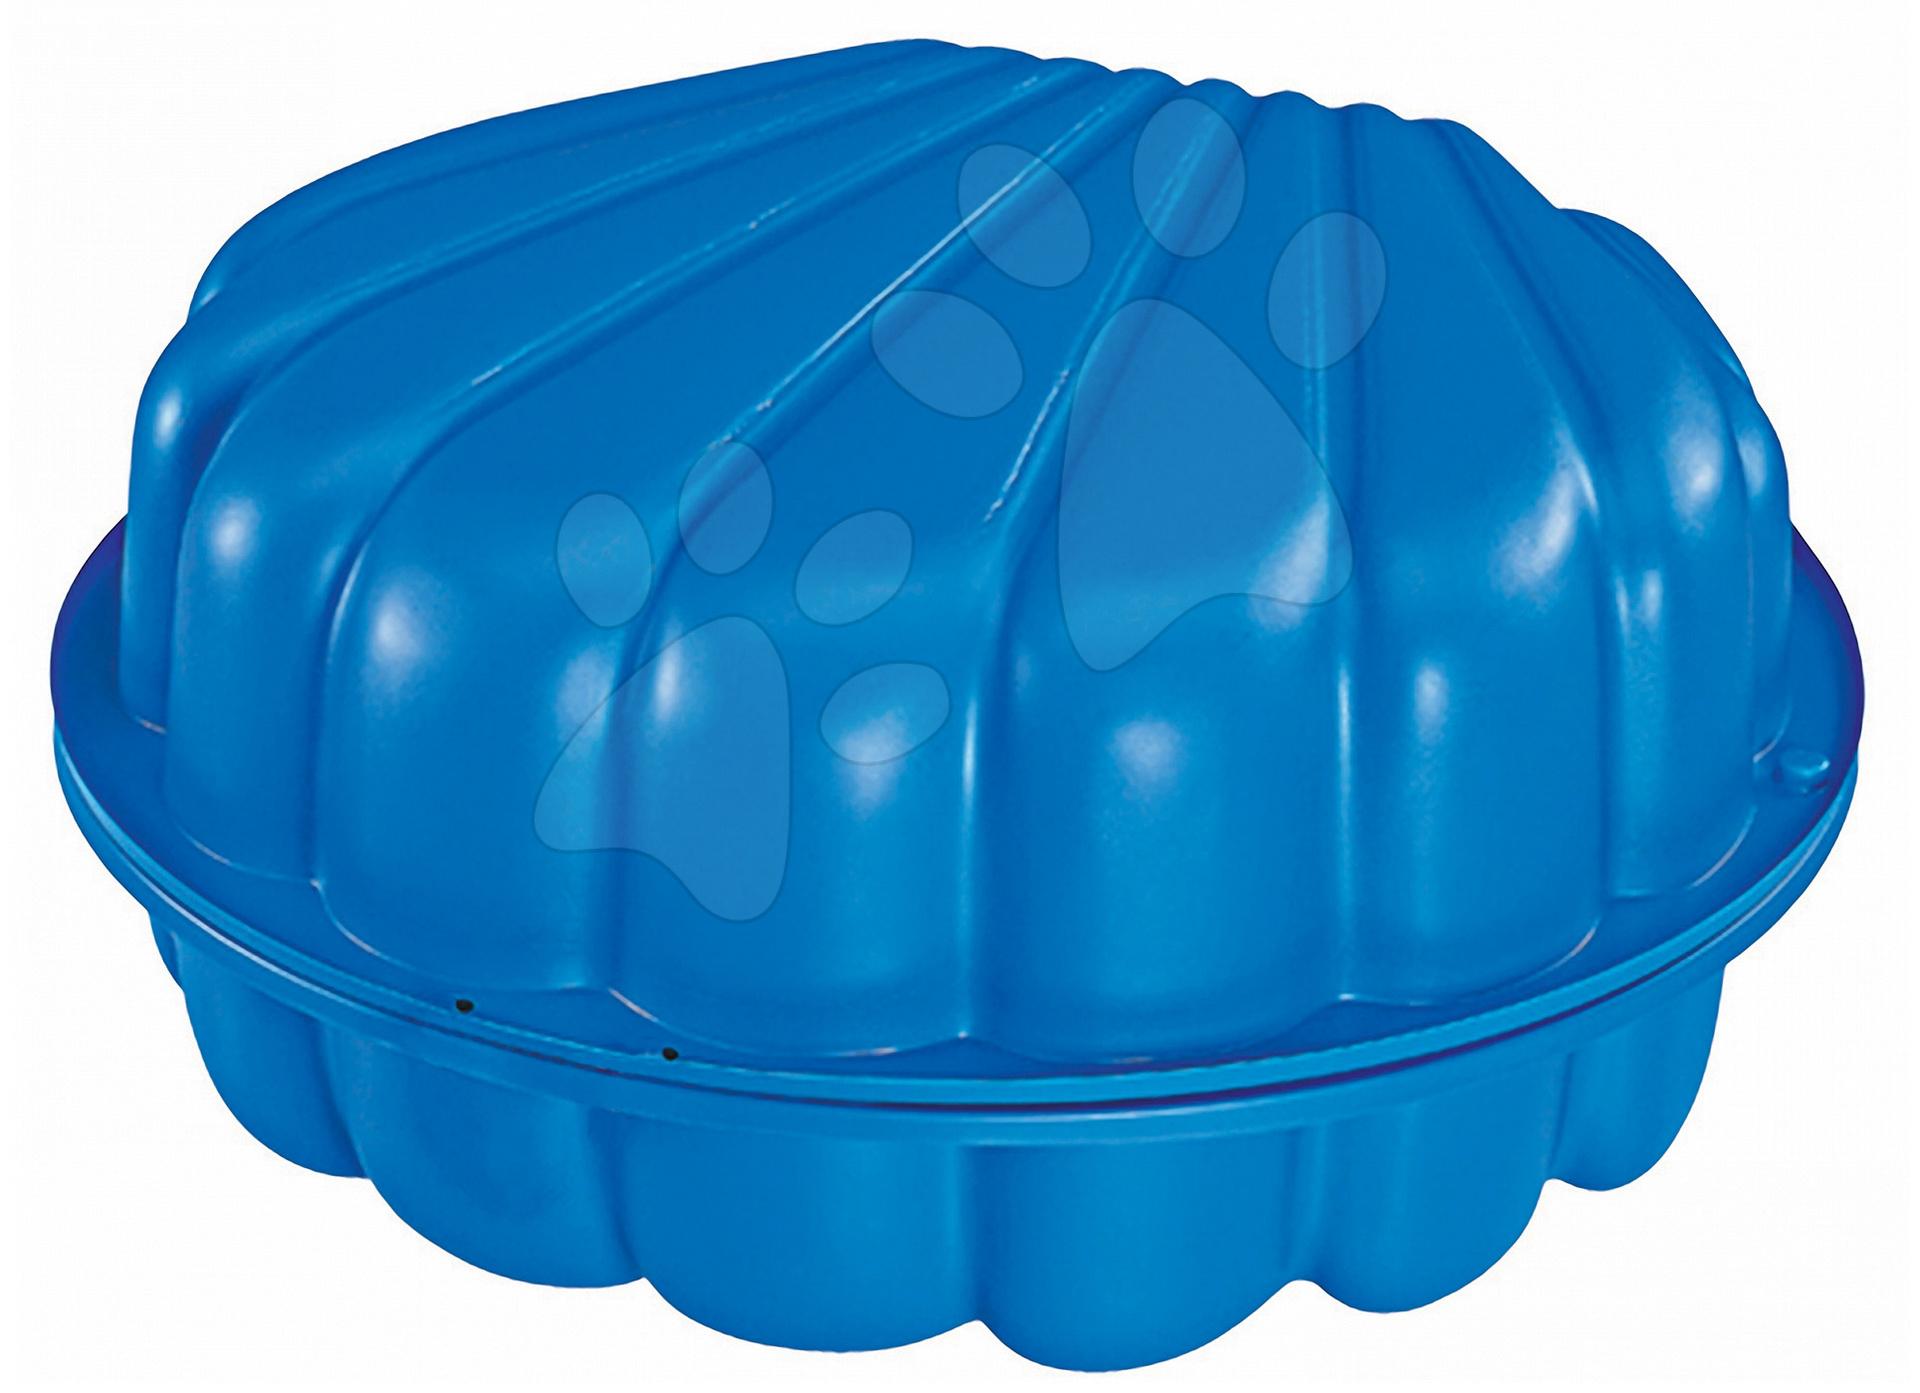 Pieskoviská pre deti - Pieskovisko Mušľa BIG dvojdielne objem 2*100 litrov 88*88 cm modré od 18 mes